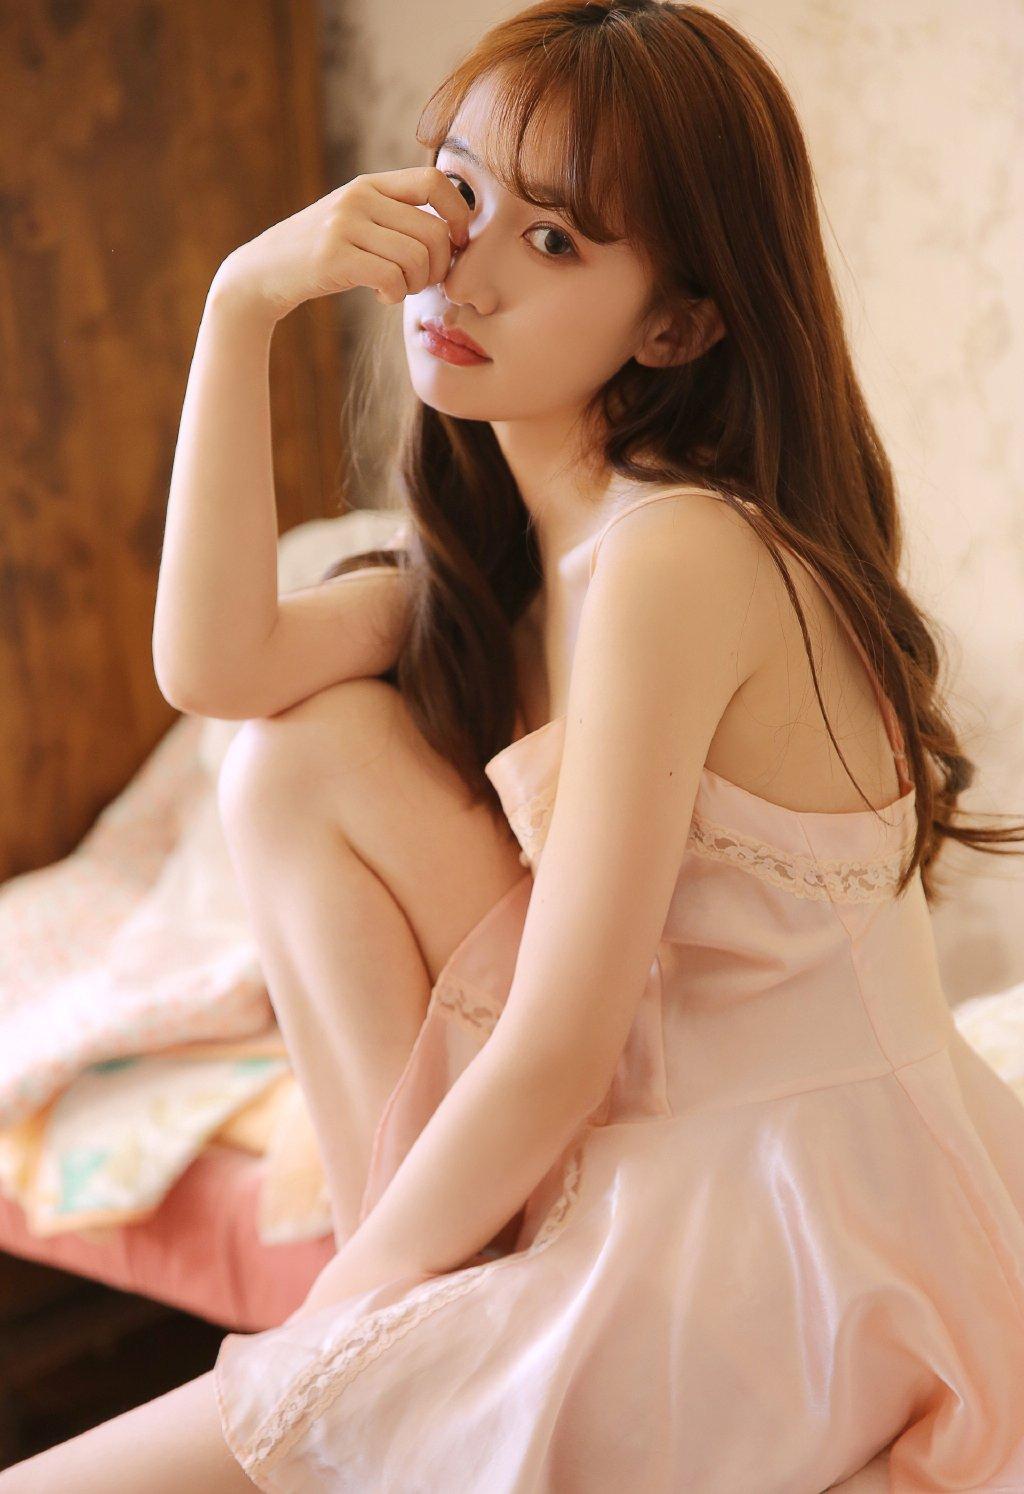 牛奶肌美女吊带长腿迷人性感图片